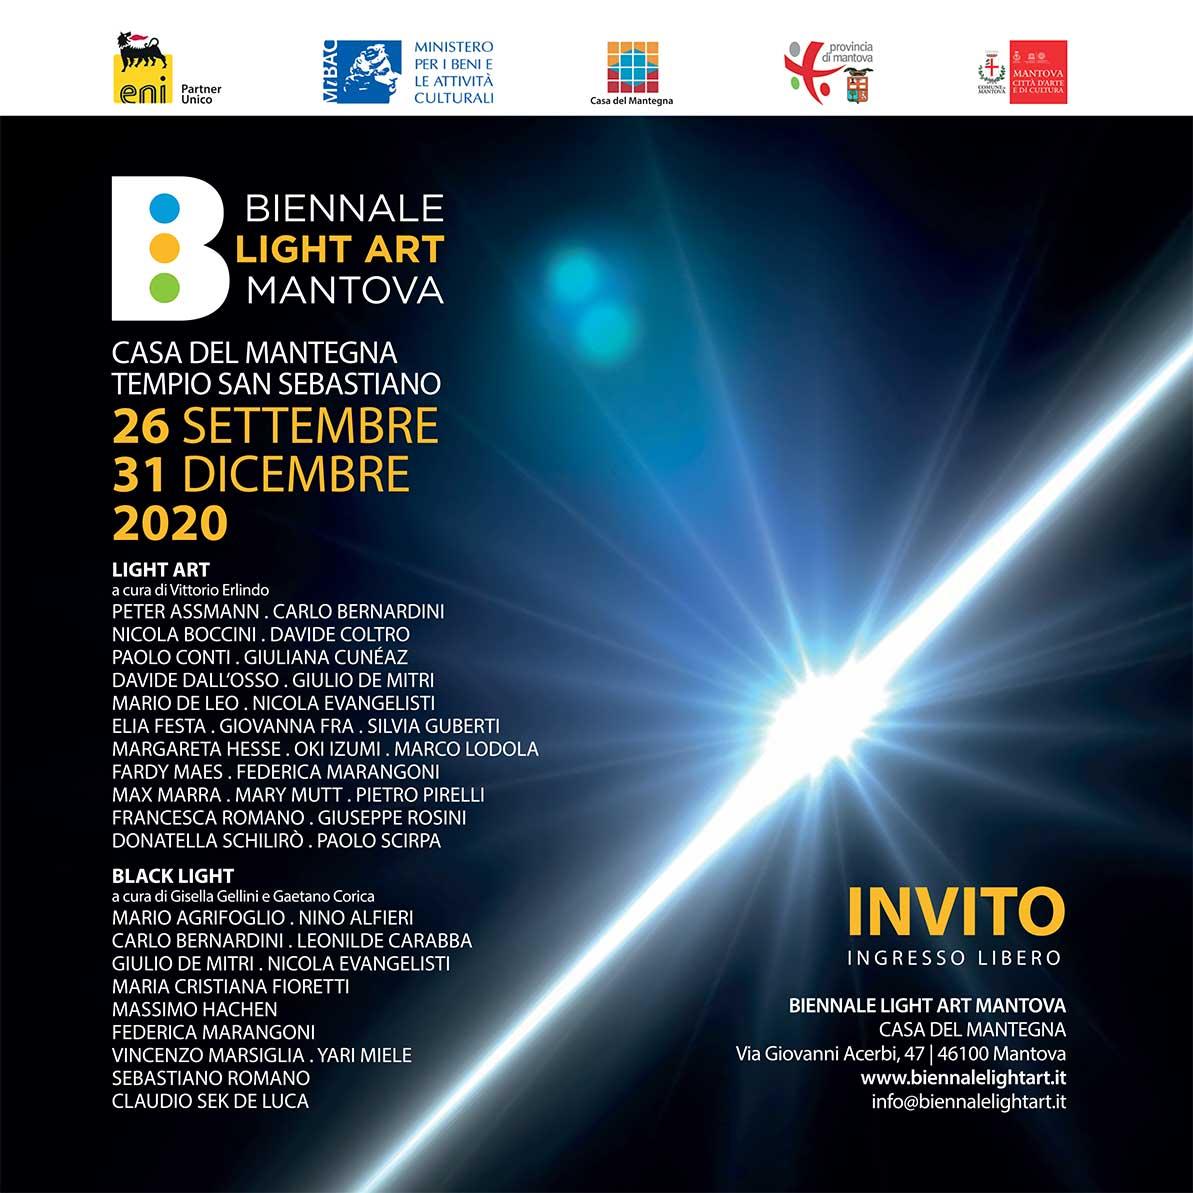 invito biennale light art 2020